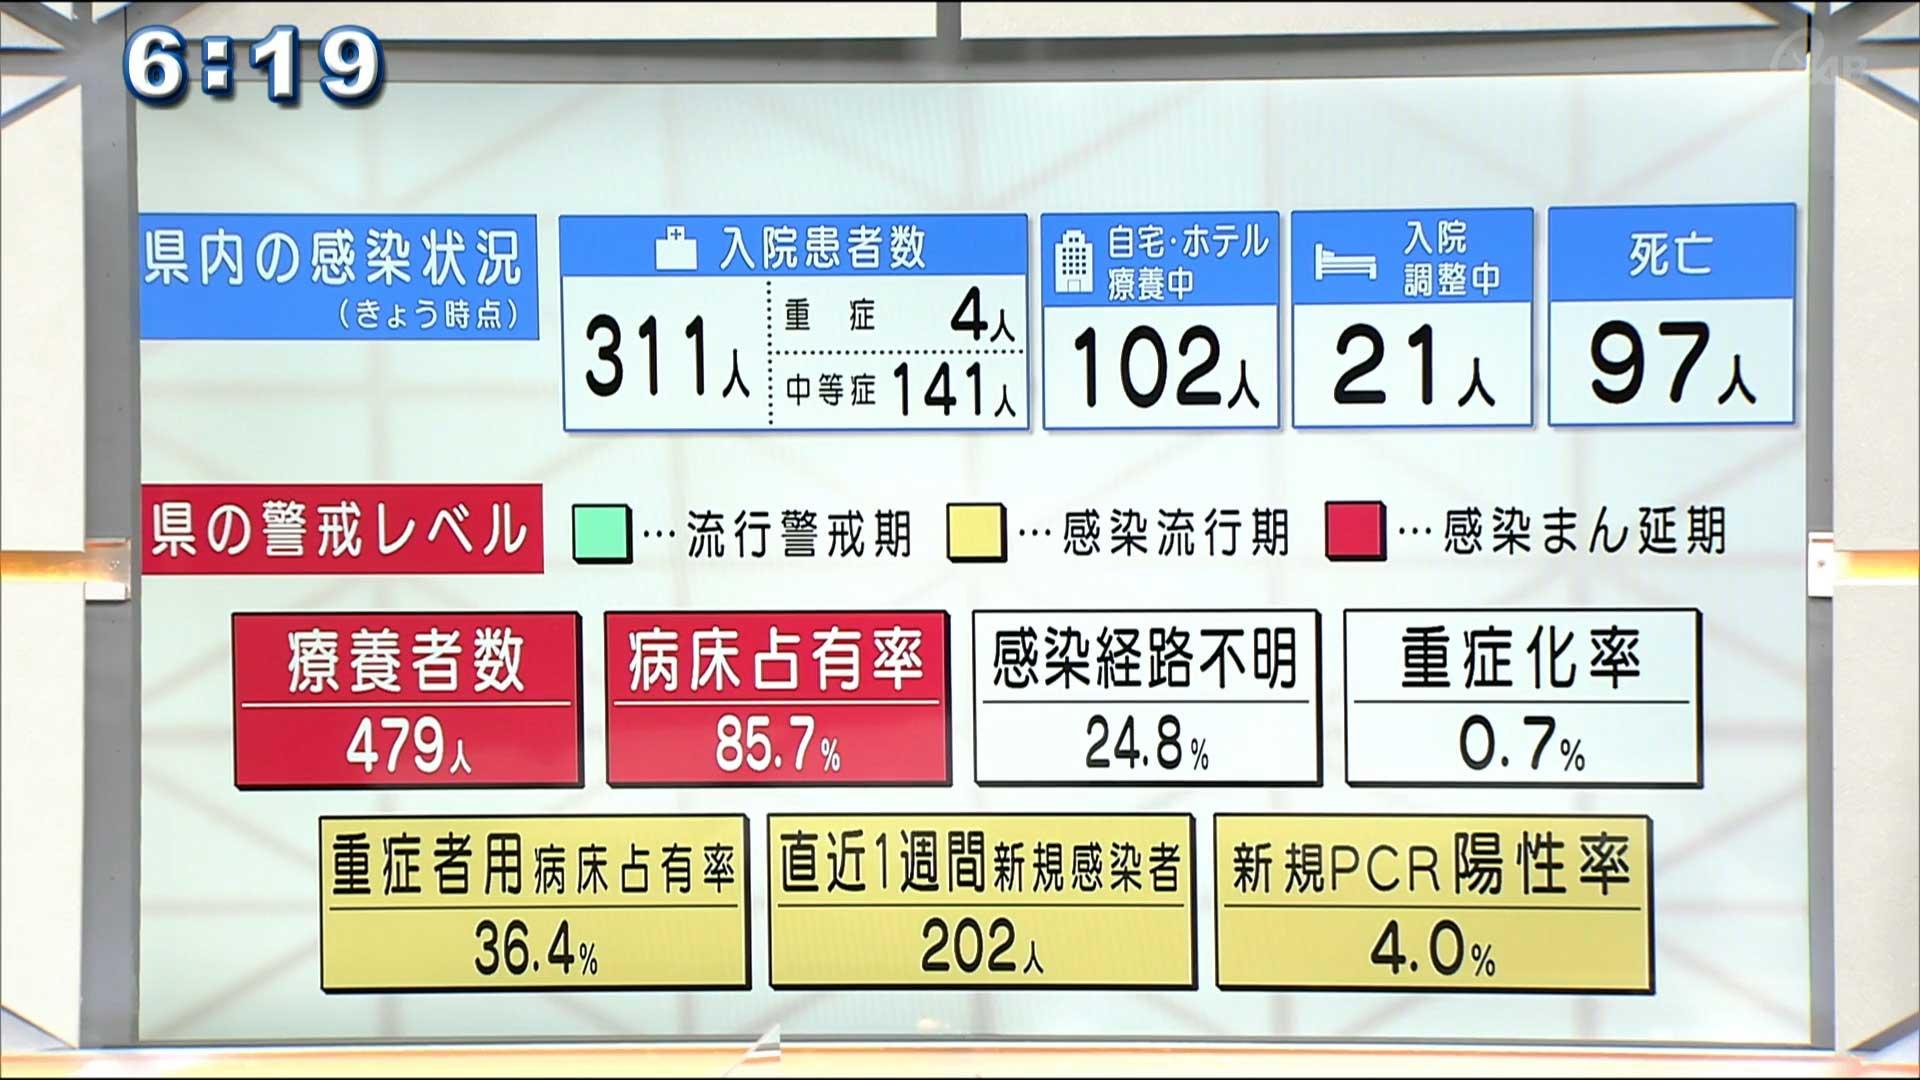 沖縄県新型コロナで2人死亡 新規感染16人